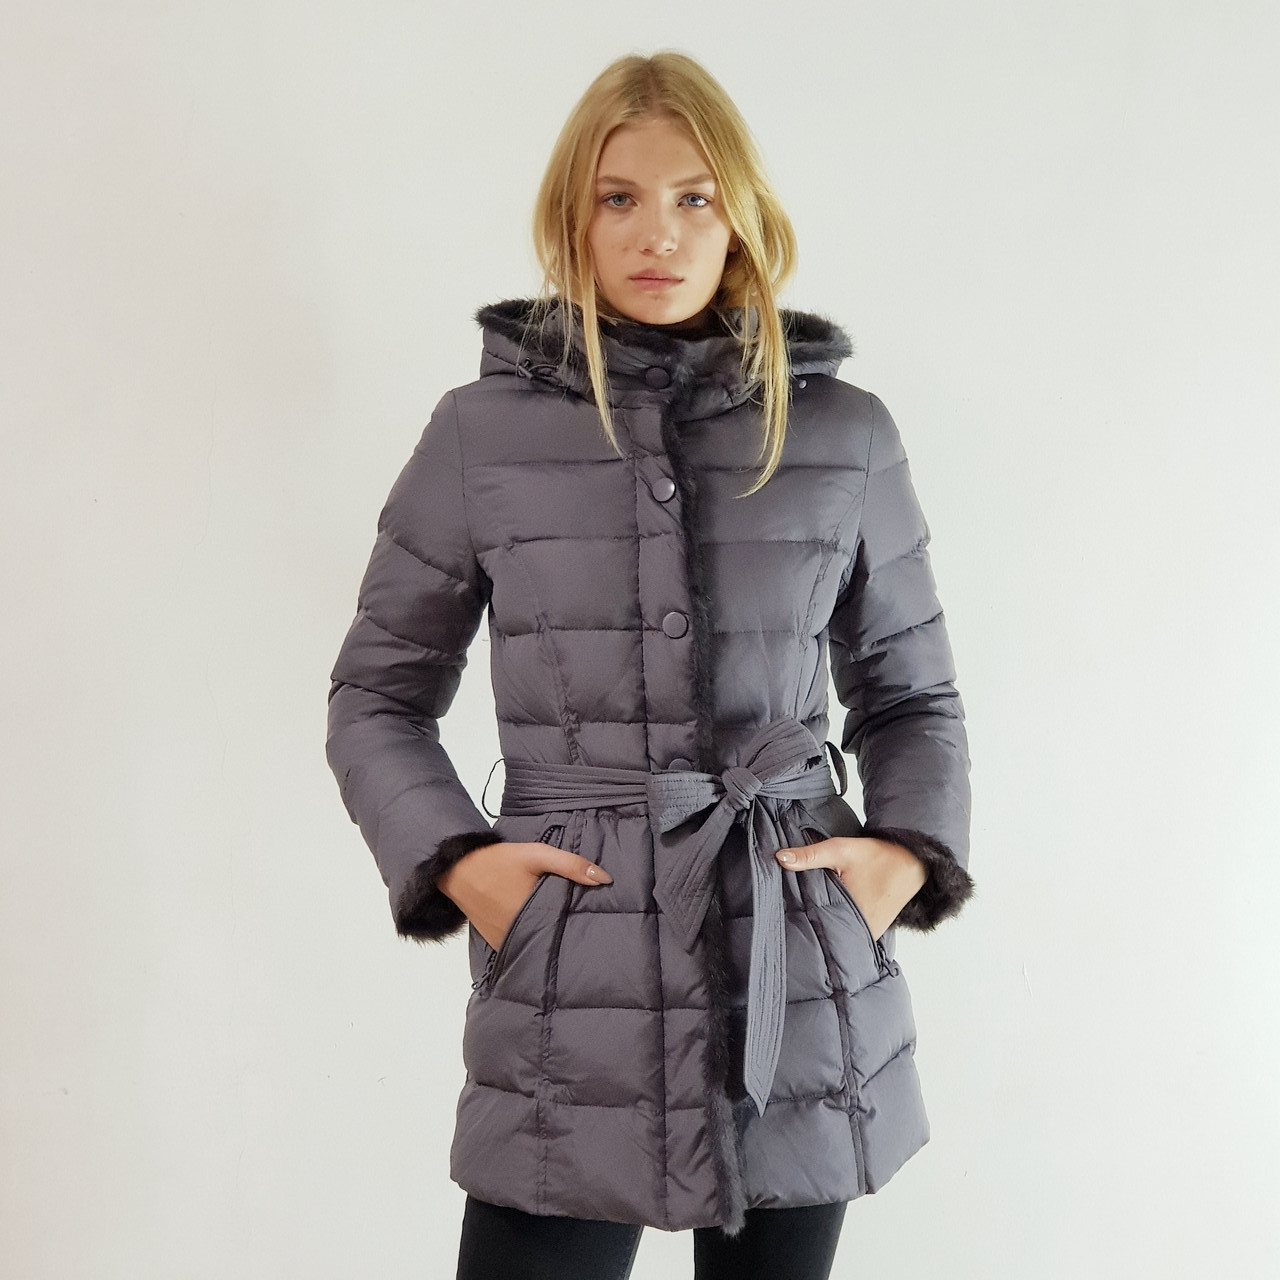 Куртка пуховик зимний женский Snowimage с капюшоном и натуральным мехом 44 серый 508-5253